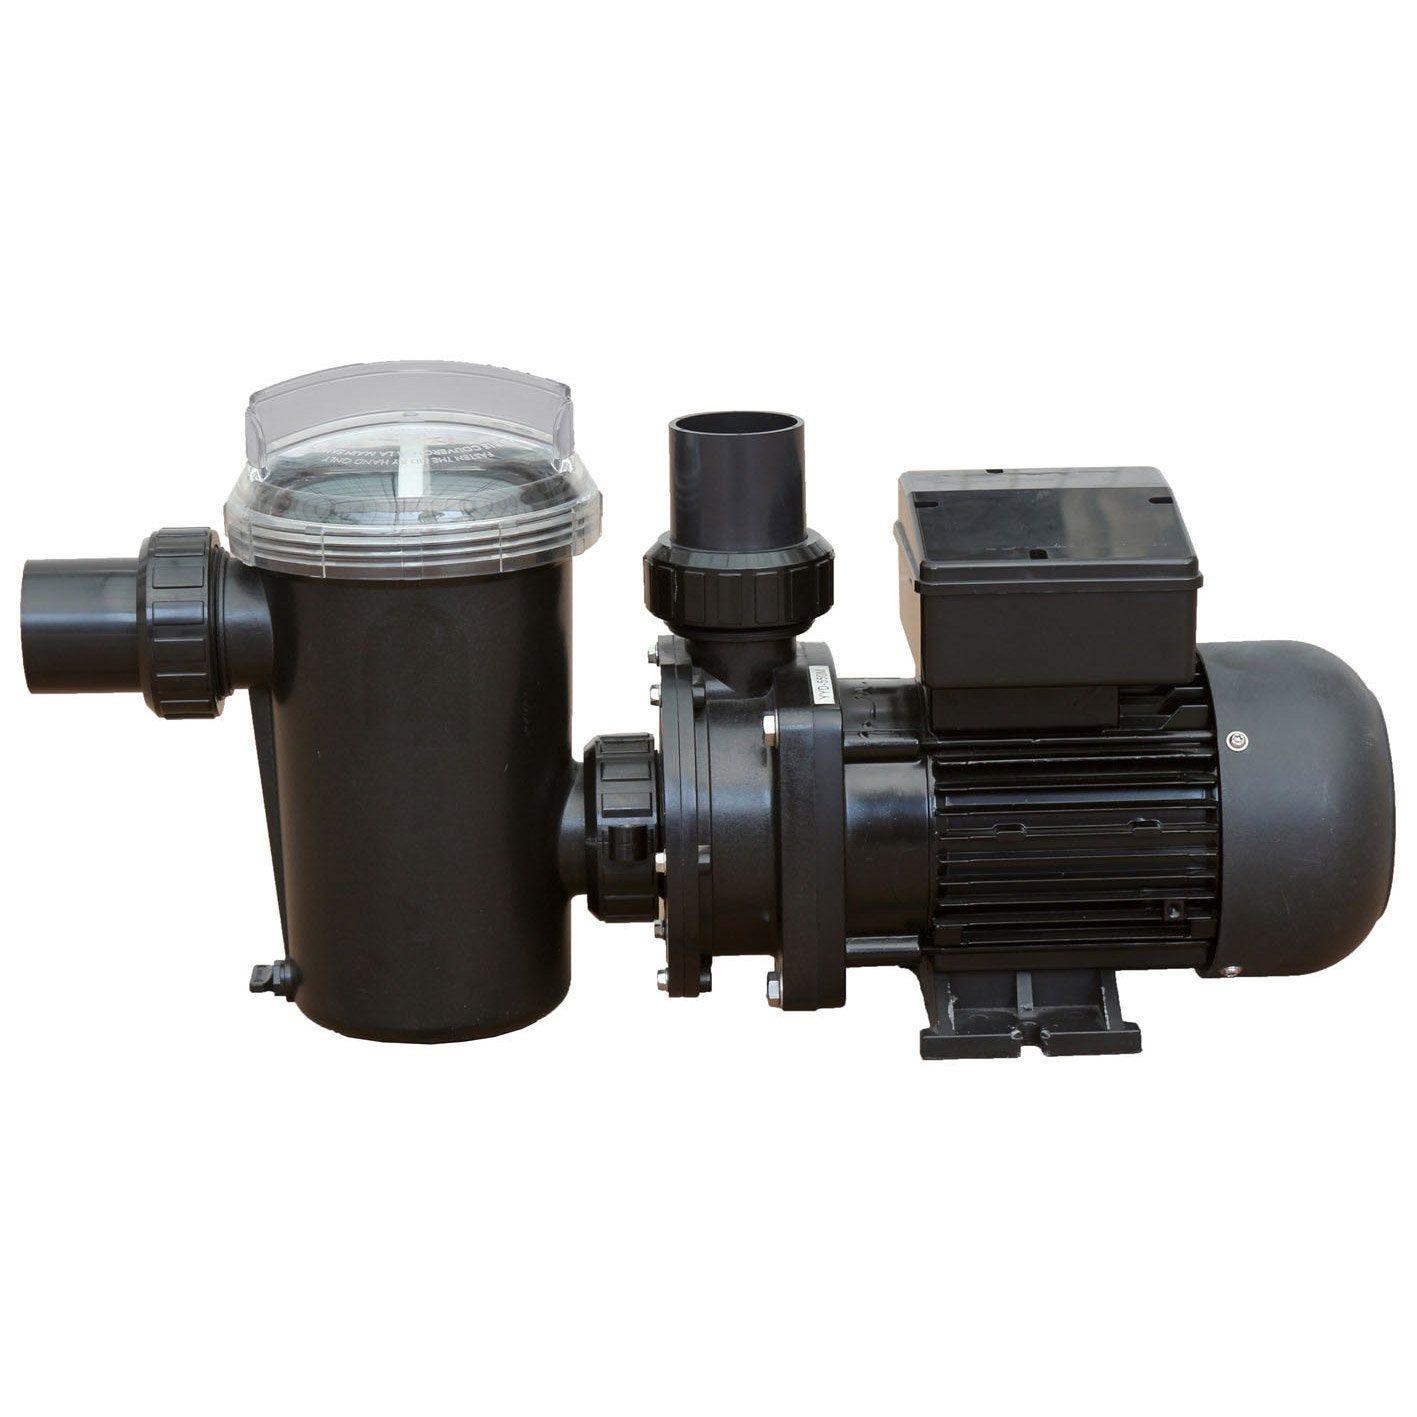 Pompe De Filtration Pour Piscine Poolstyle, 1.2 Cv | Piscine ... à Pompe Piscine Intex Leroy Merlin